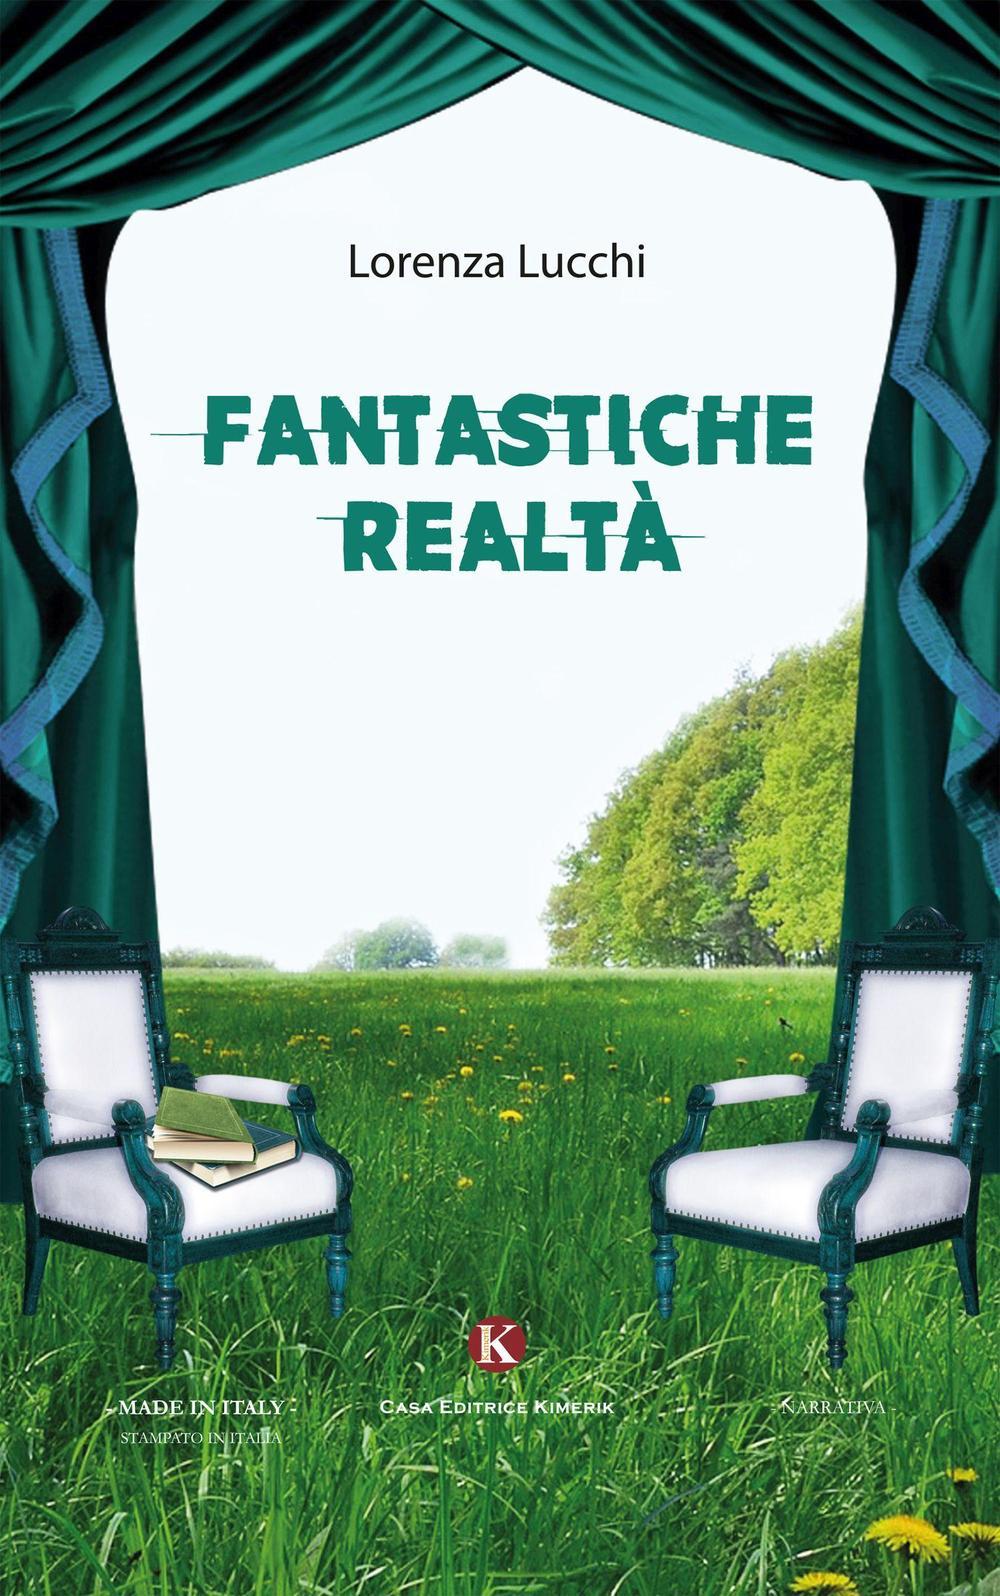 Fantastiche realtà